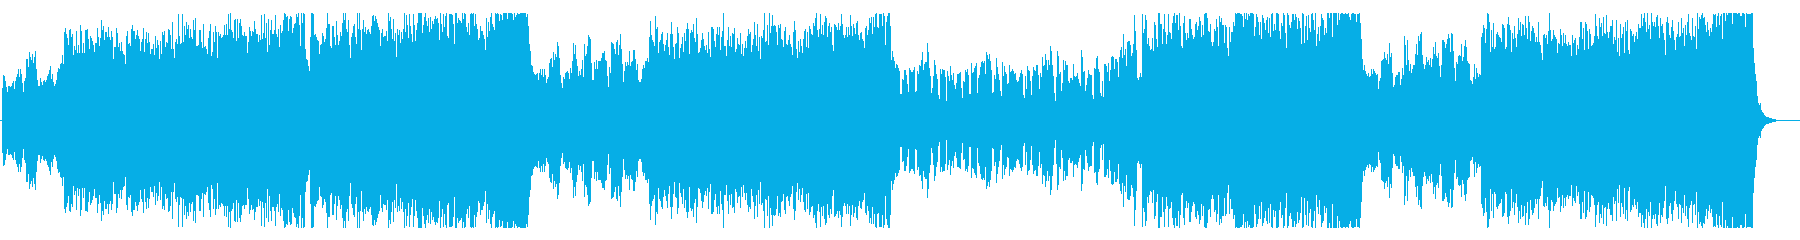 ヴァイオリンと尺八の荒々しい和風BGMの再生済みの波形